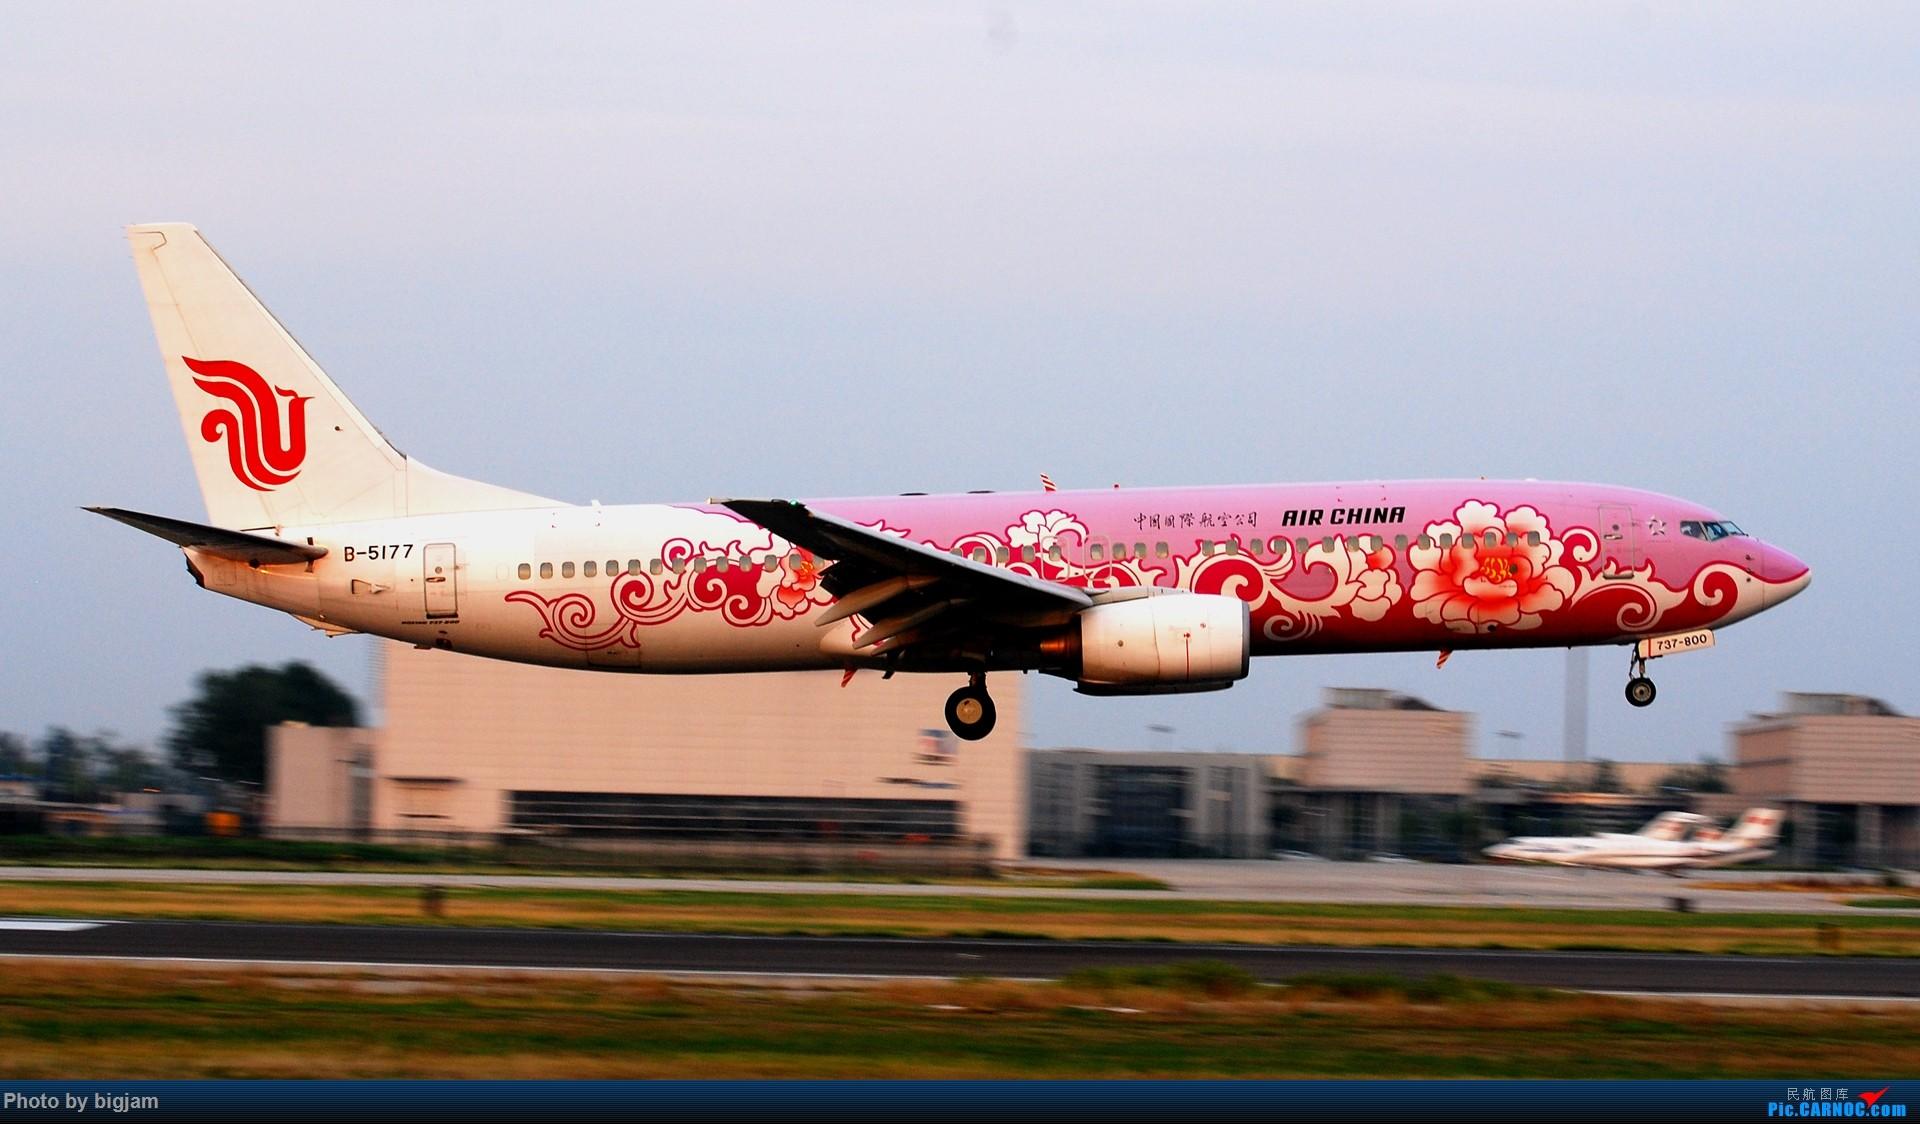 Re:[原创]刚升级到B737级 那就发点拍过的B737吧 BOEING 737-800 B-5177 中国北京首都国际机场